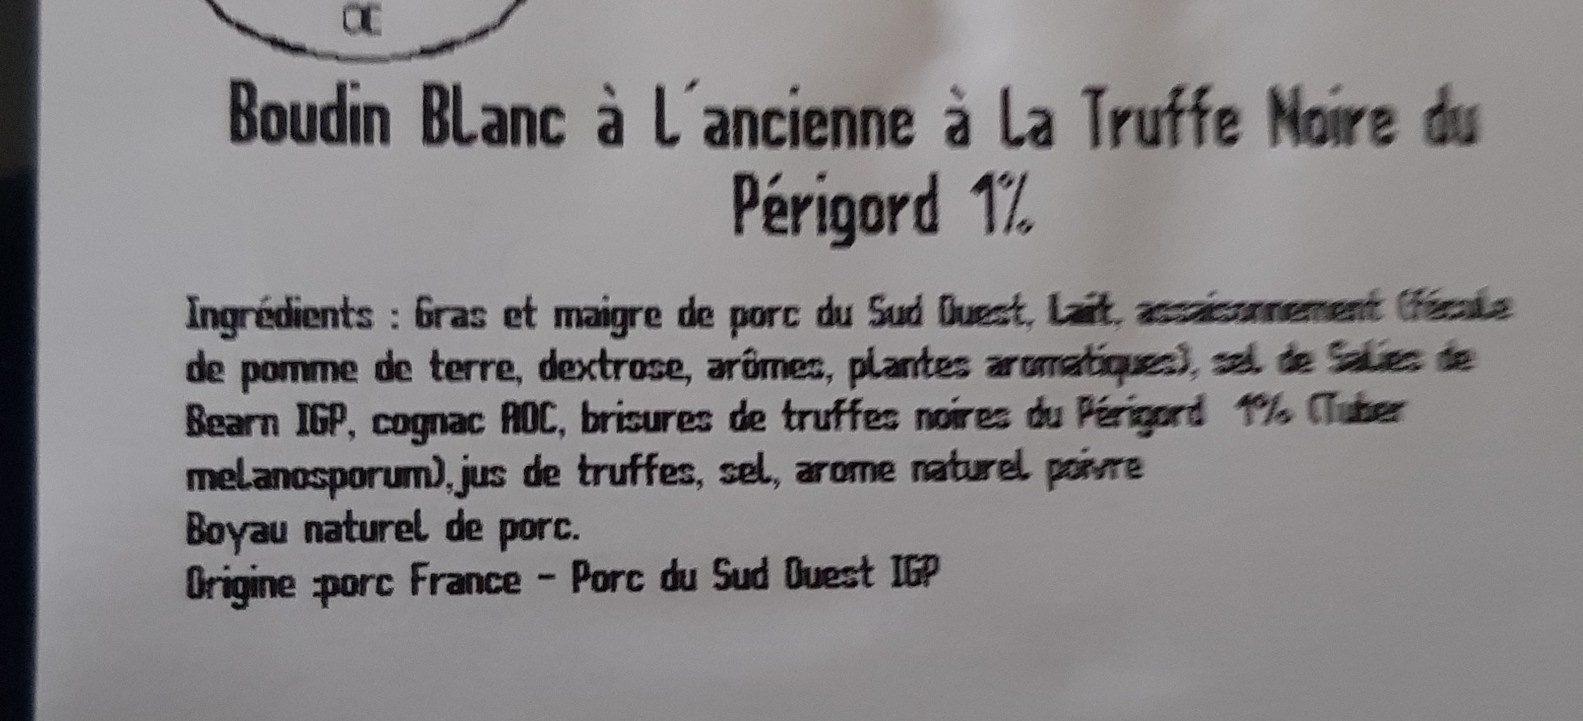 Boudin blanc à l ancienne - Ingrédients - fr